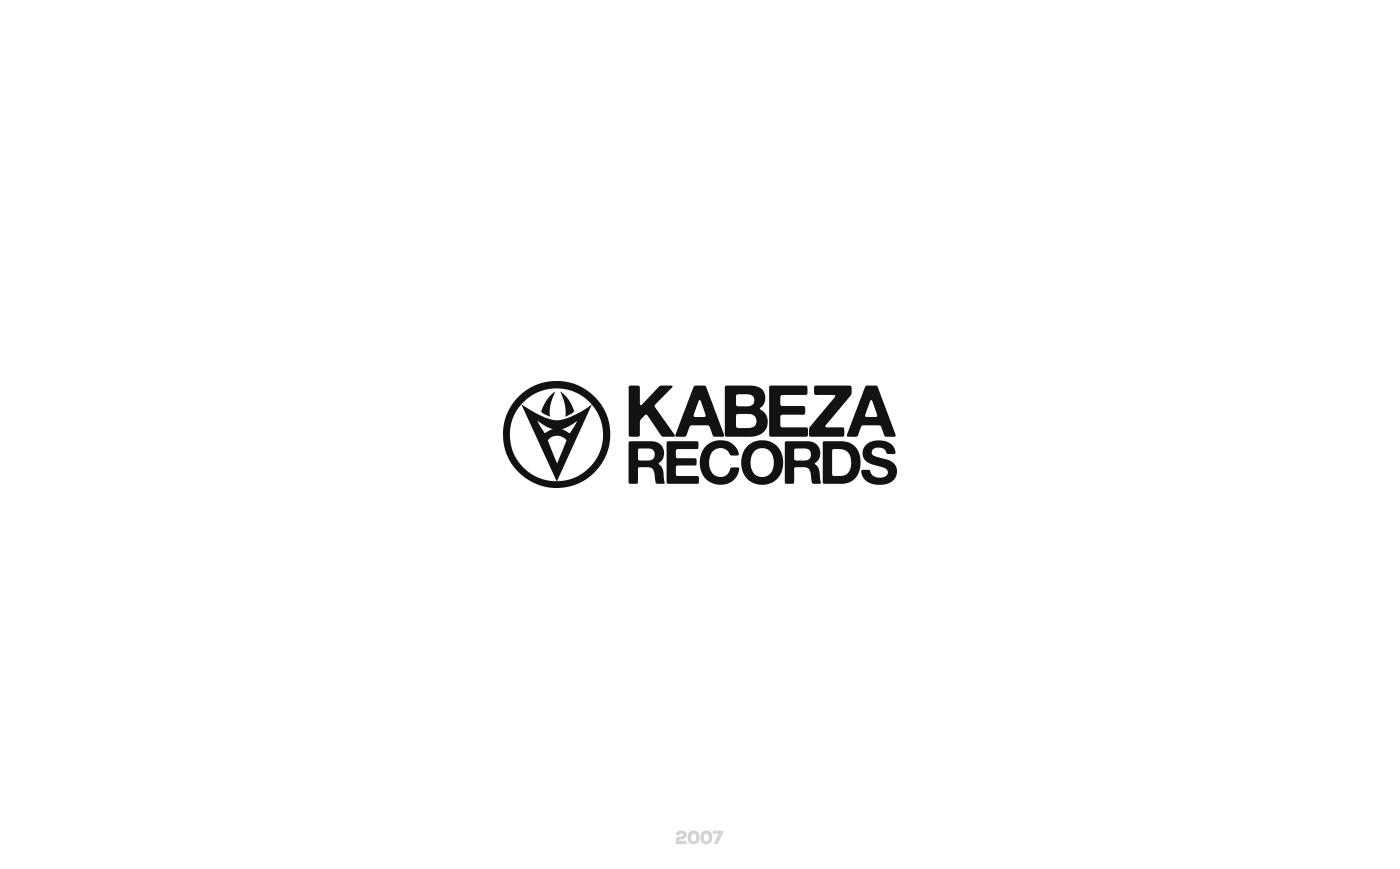 KABEZA-RECORDS-IDENTIDAD-2007-01